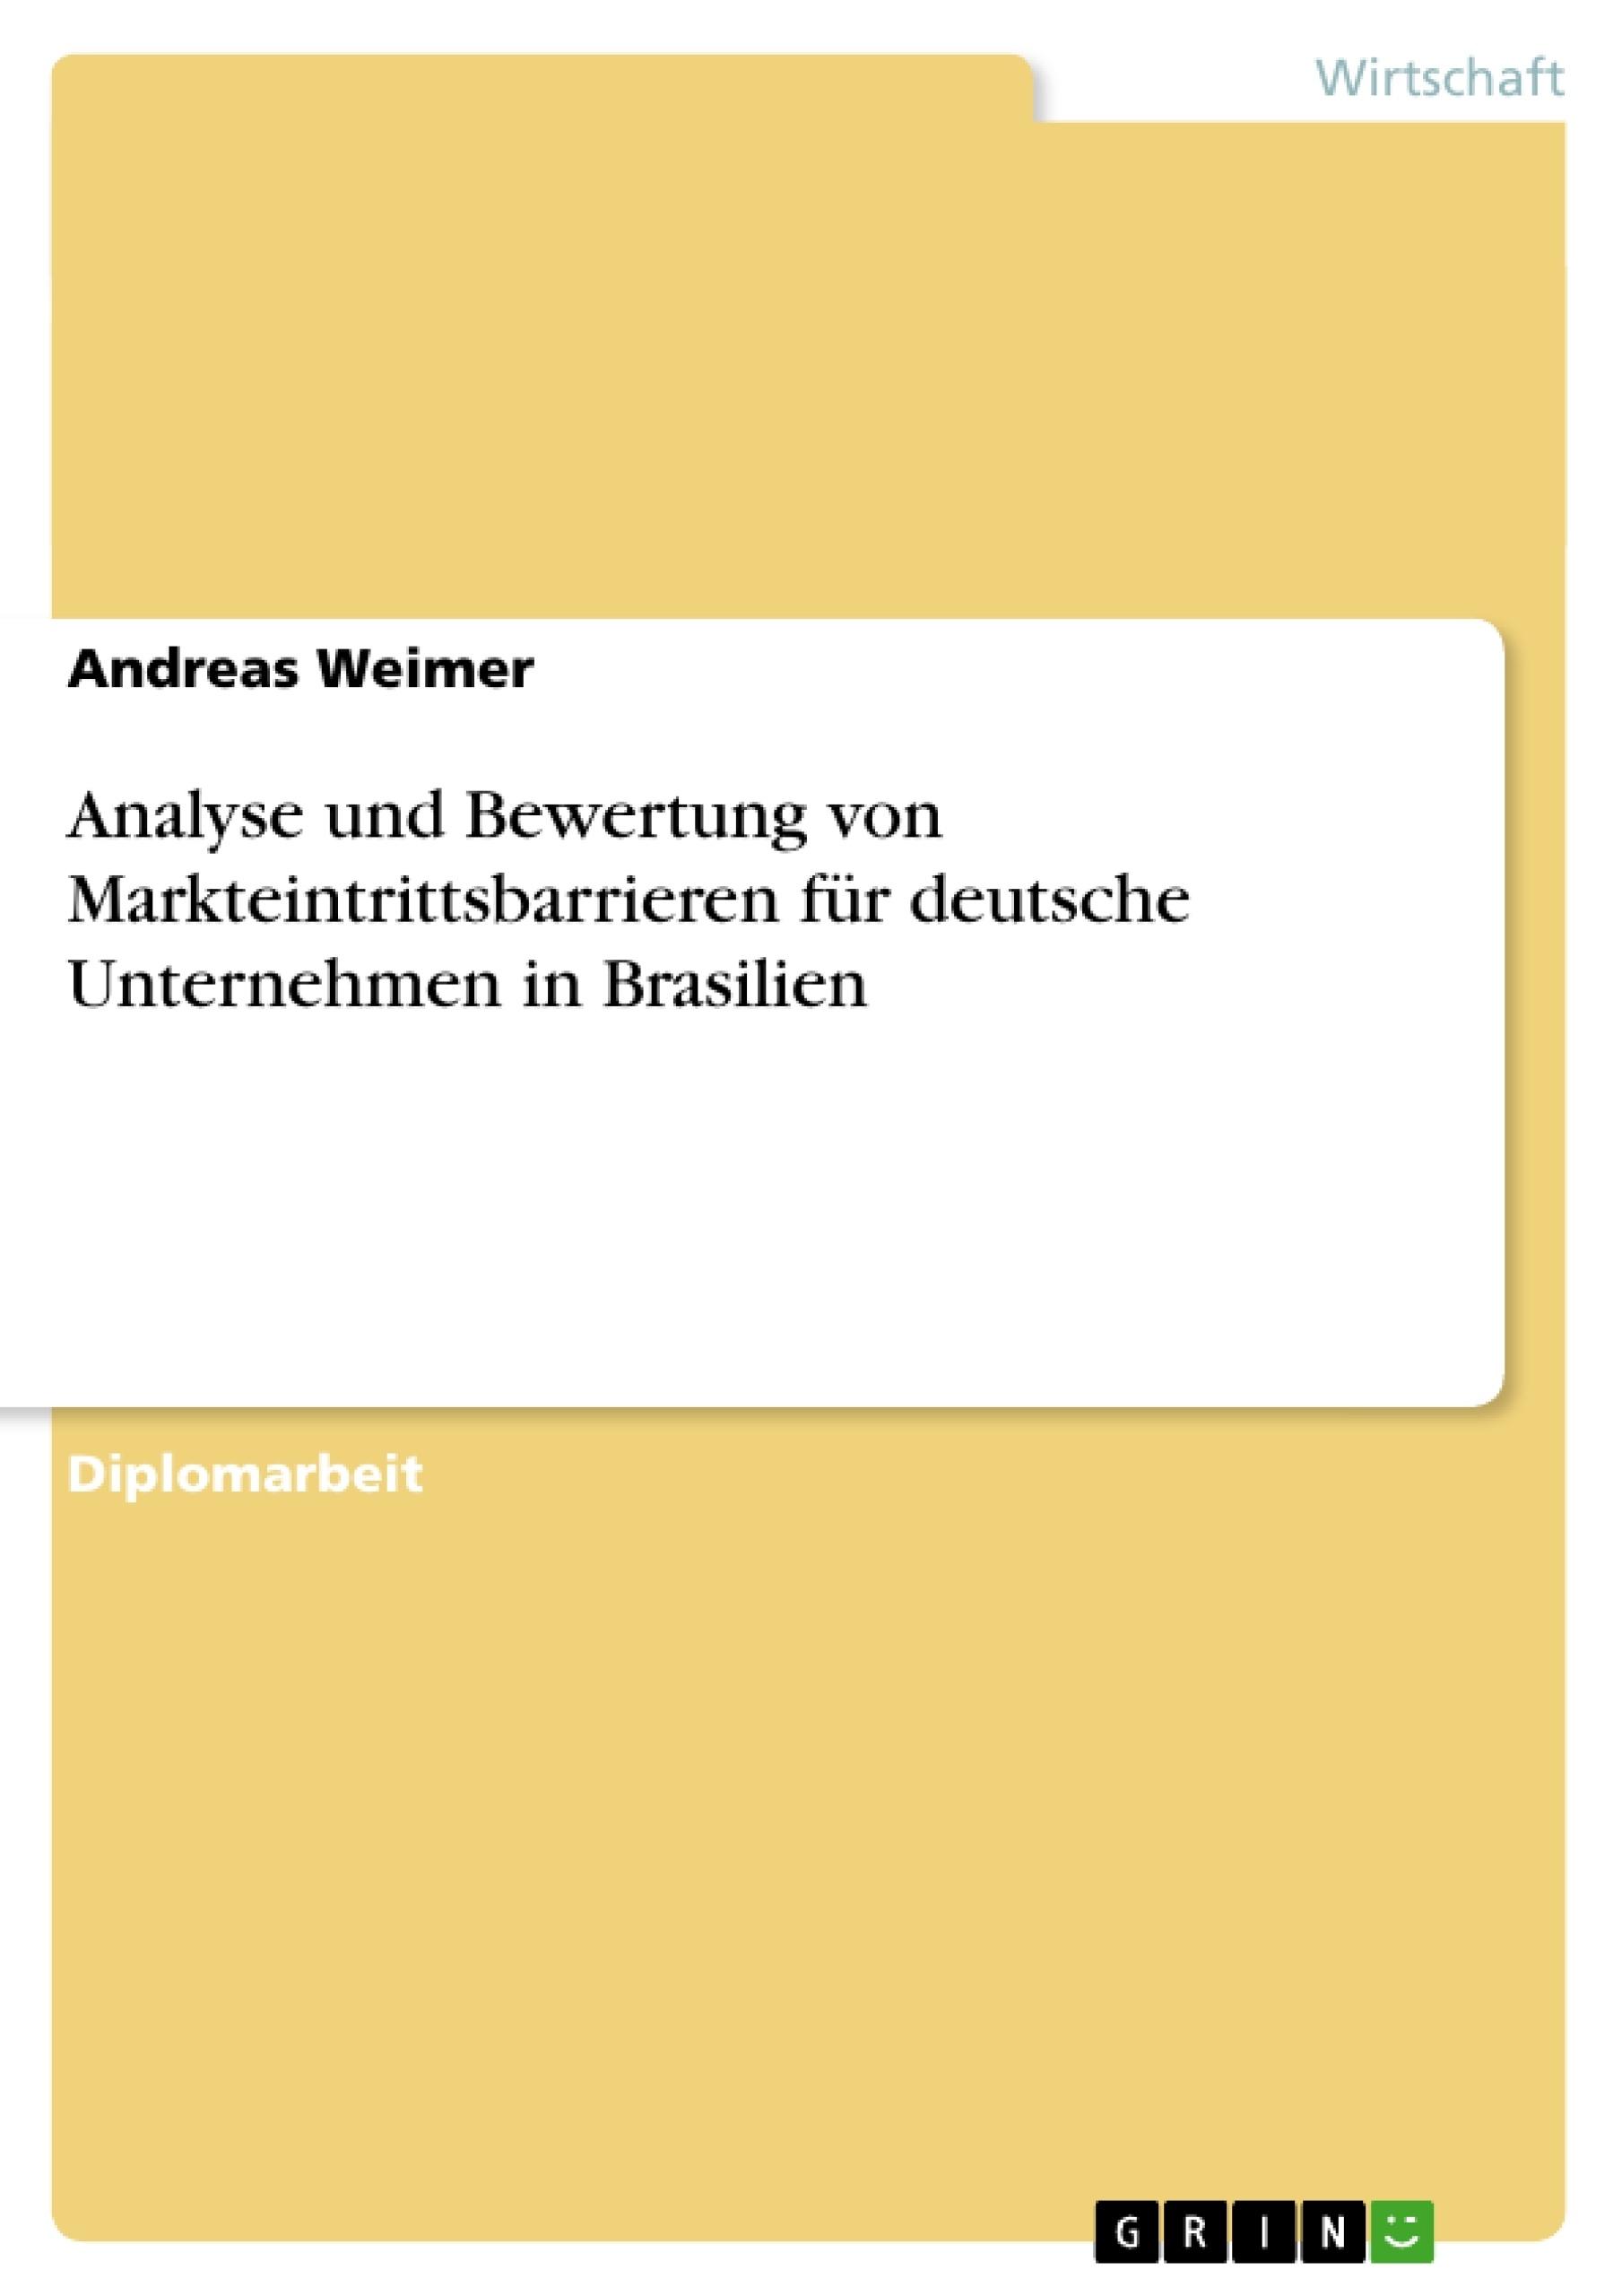 Titel: Analyse und Bewertung von Markteintrittsbarrieren für deutsche Unternehmen in Brasilien